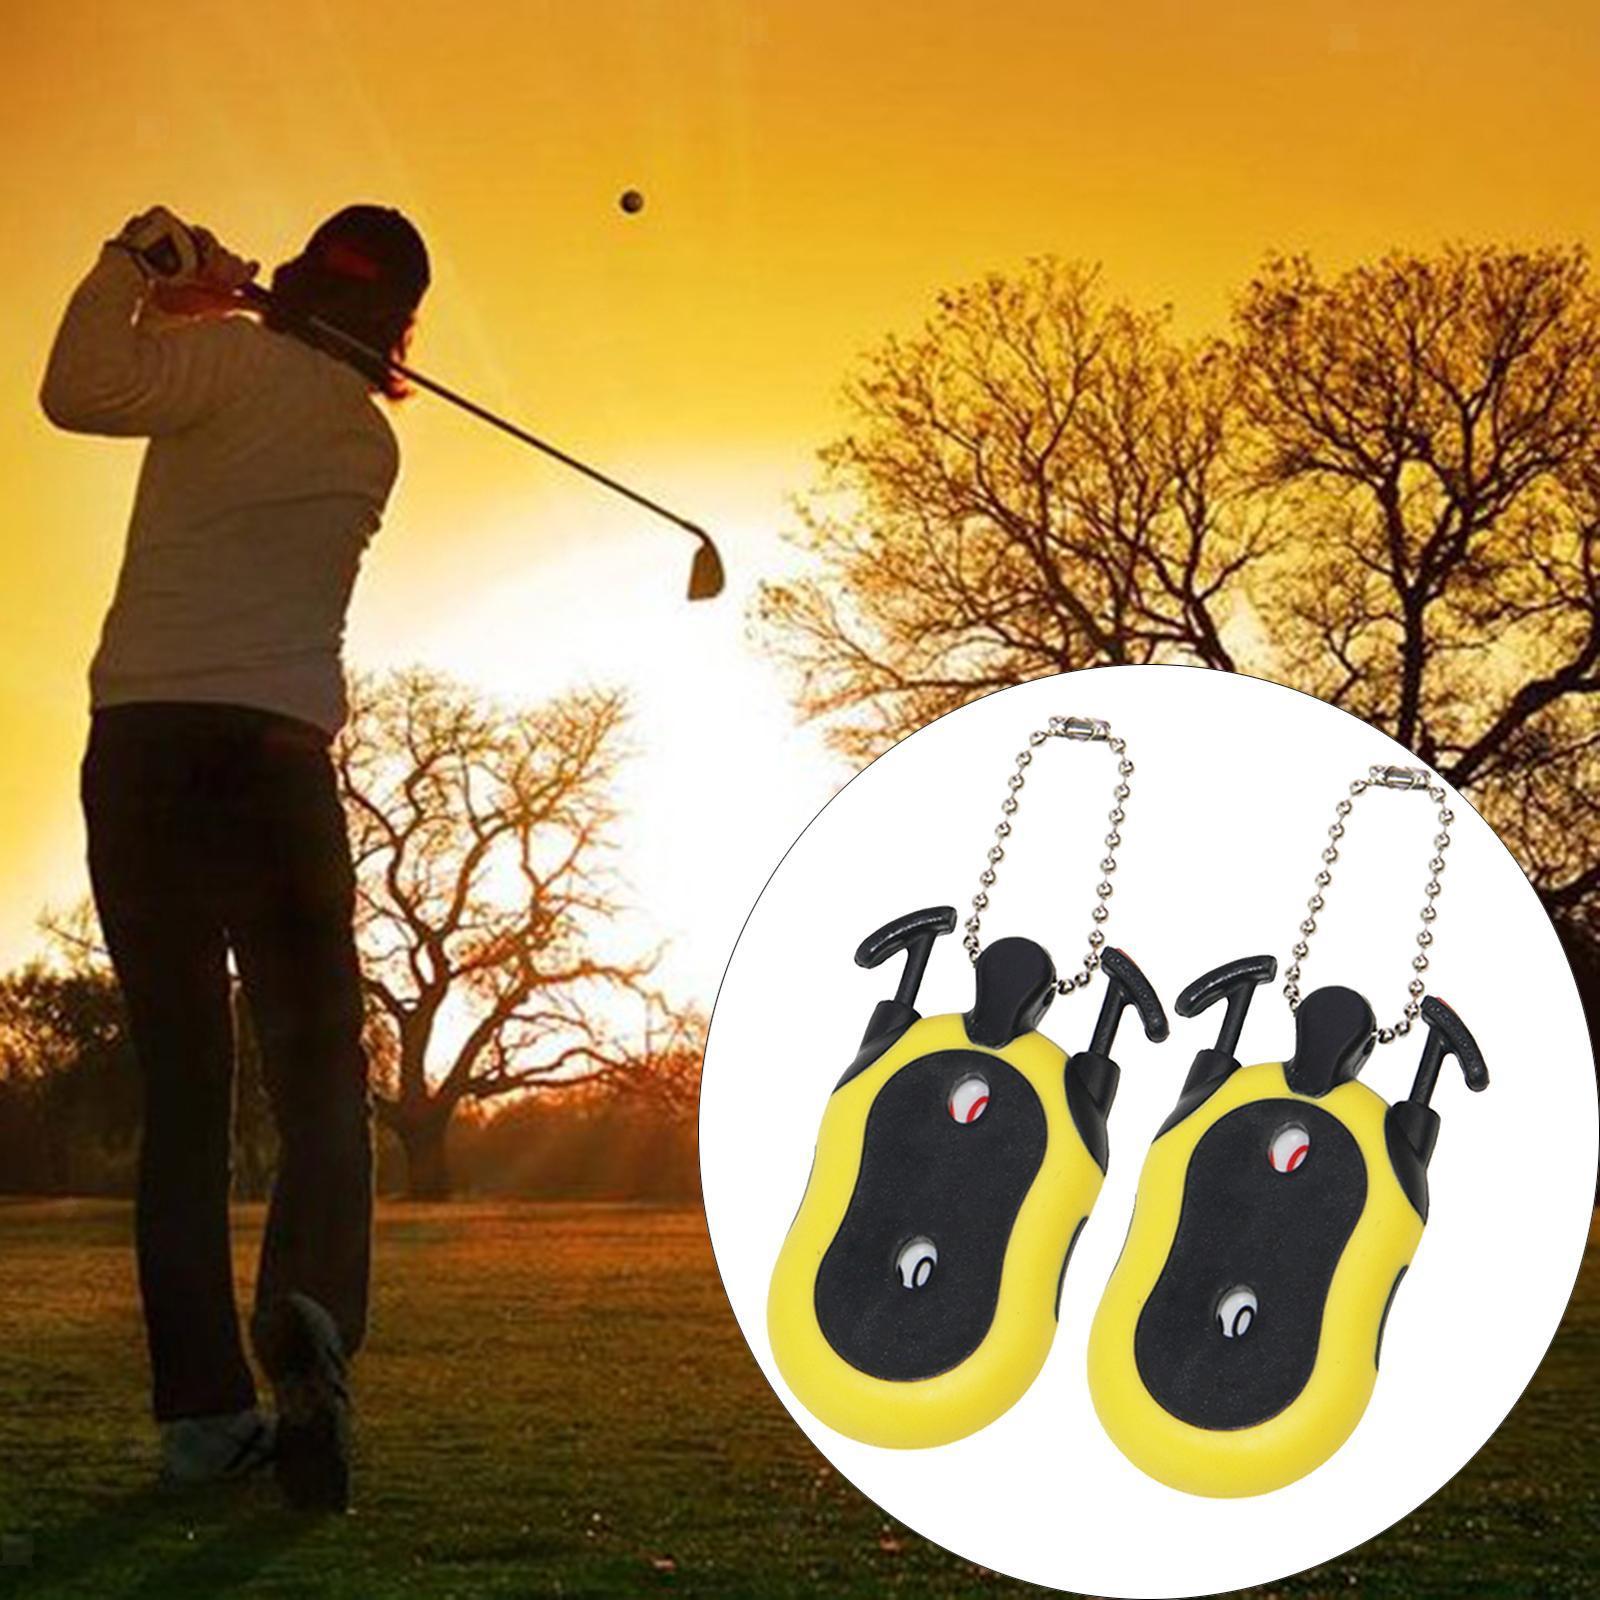 Indexbild 37 - 2 Stück Golf Score Zähler 2-in-1 Double Dial Stroke Putt Scorer mit